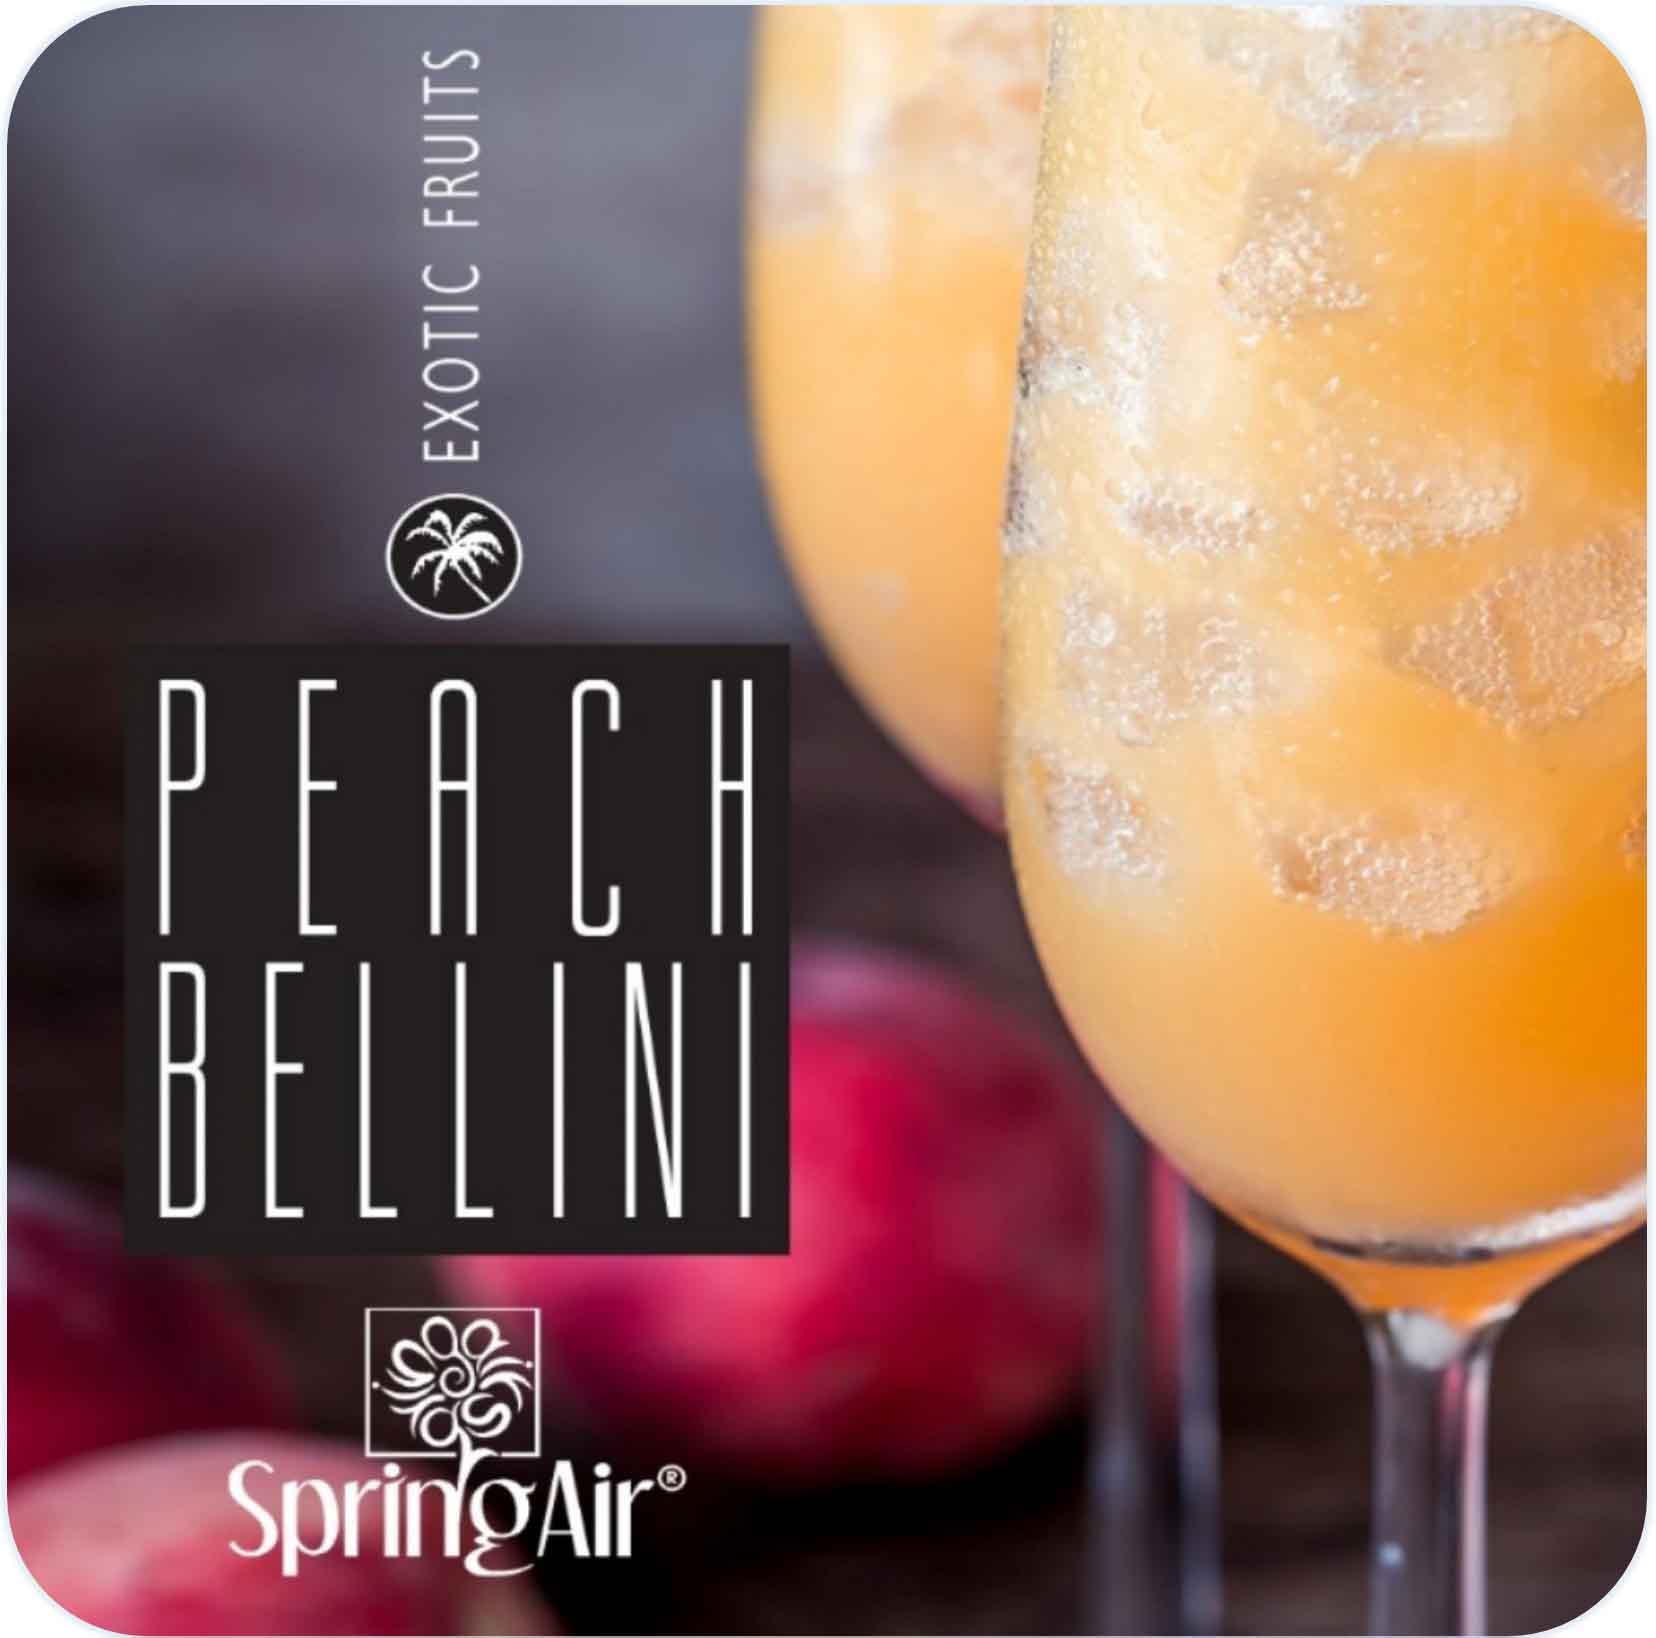 peach bellini (1)